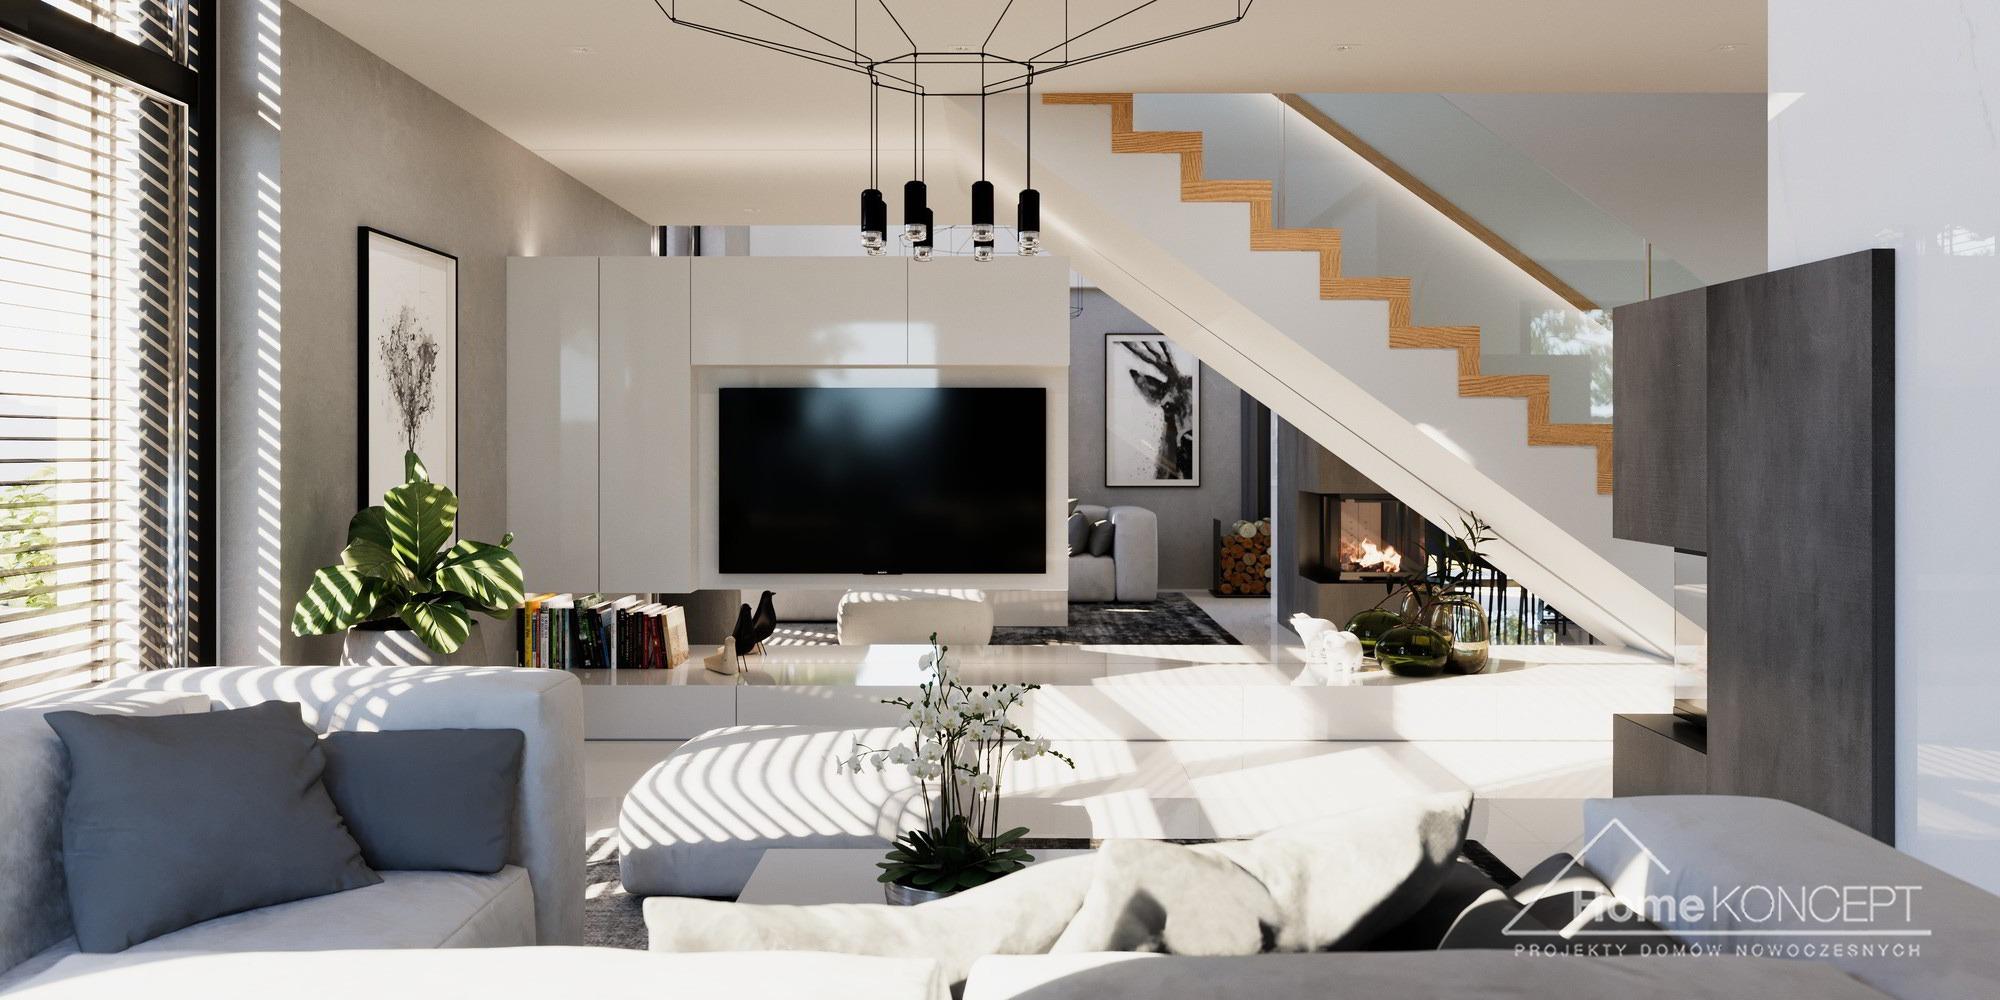 prestige house projekty nowoczesne wnetrza 2018 13